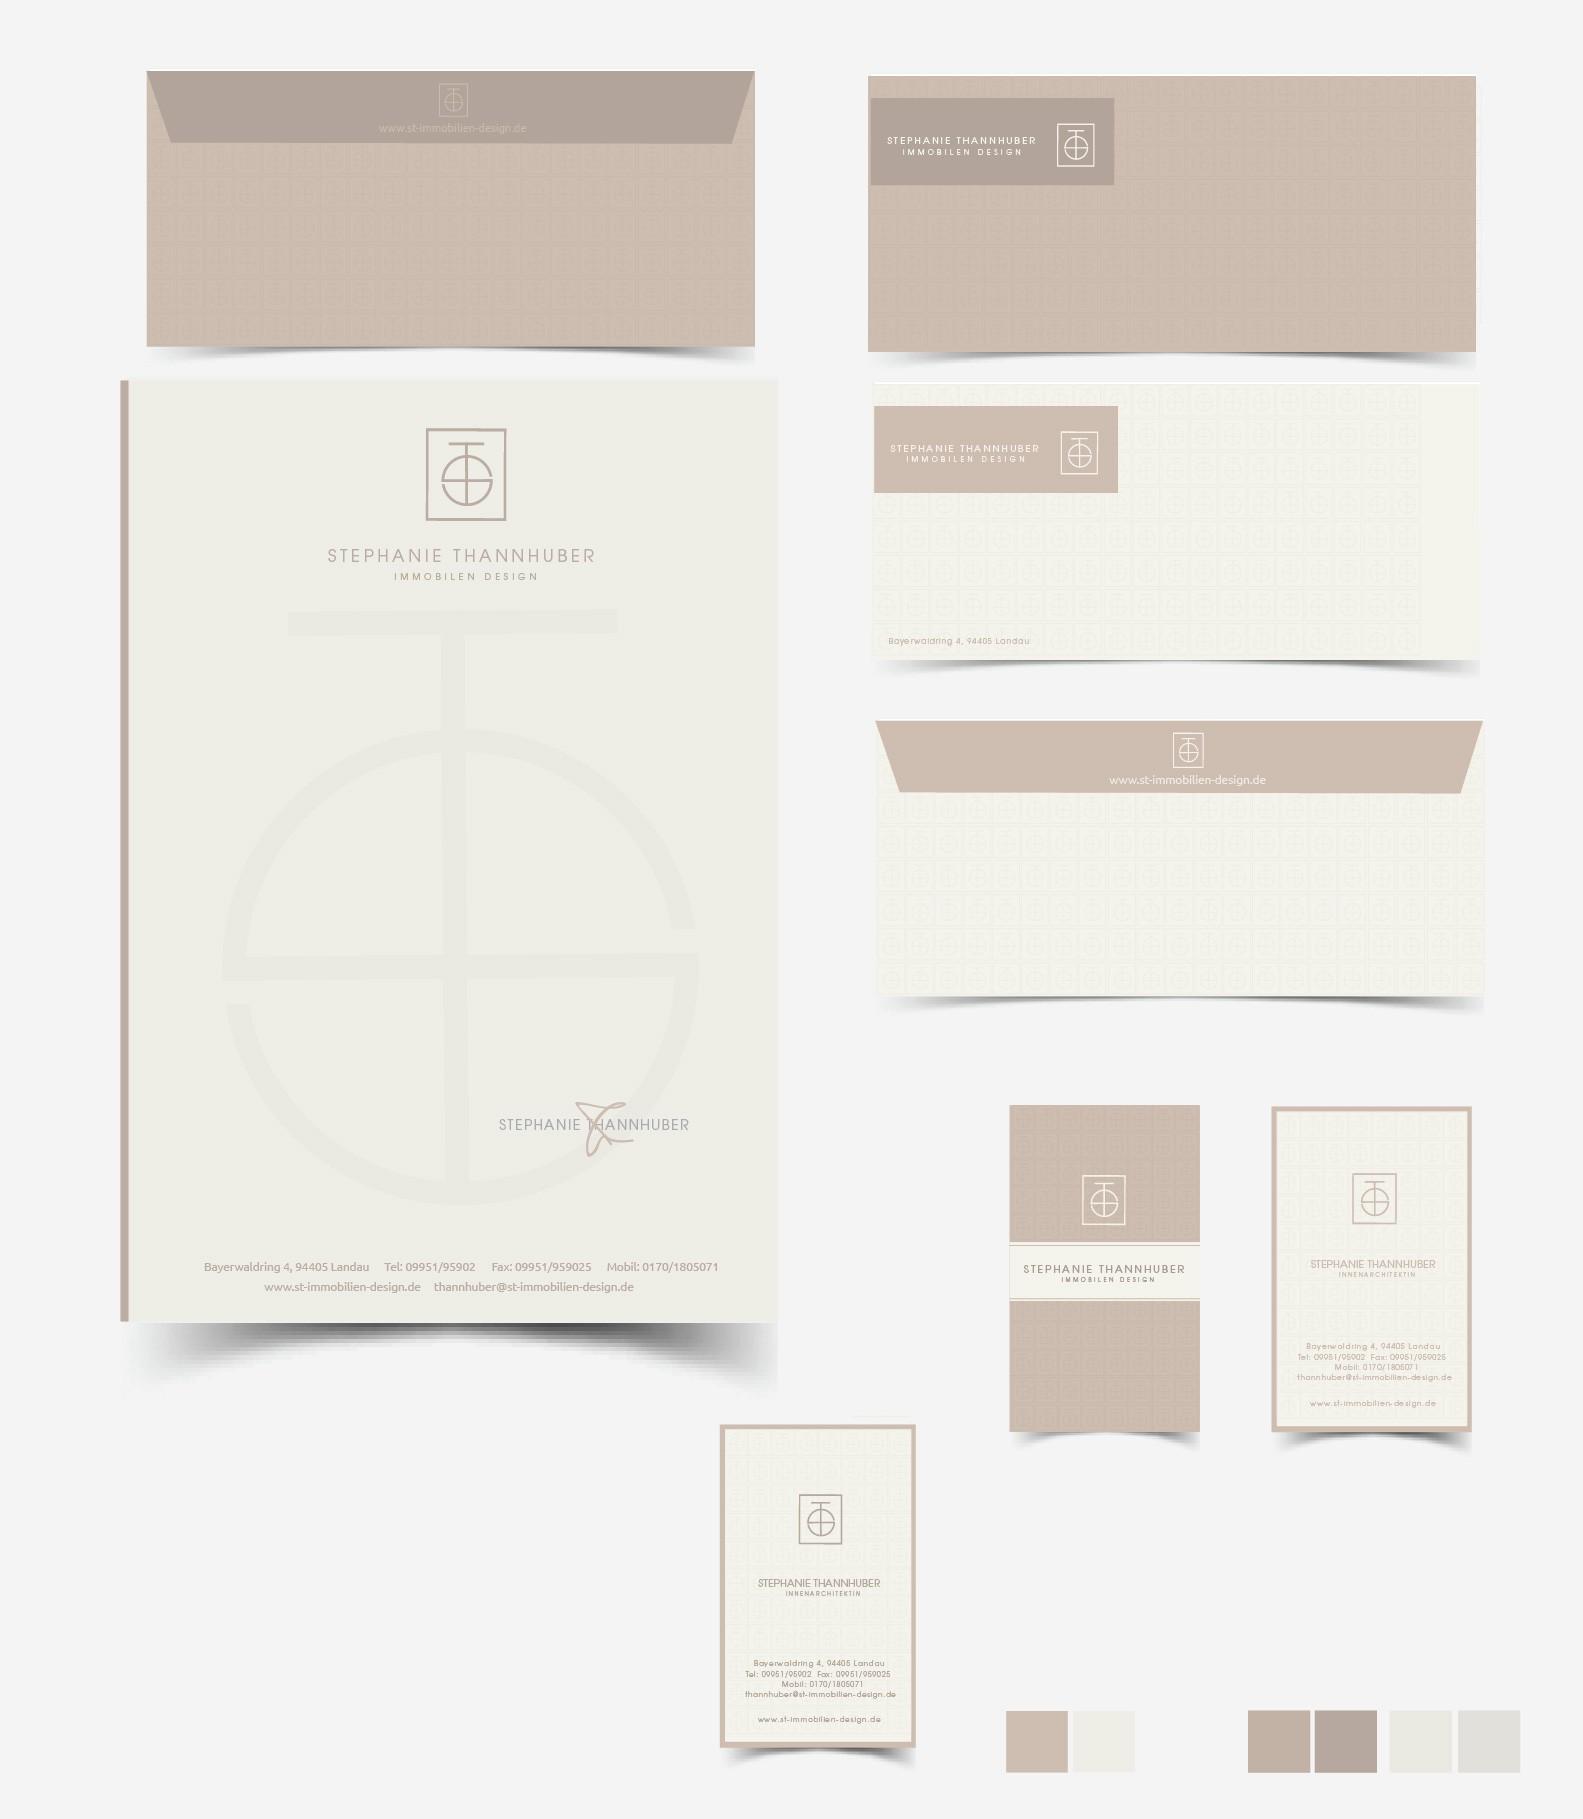 Visitenkarte, Briefpapier, Briefumschlag für eine Innenarchitektin